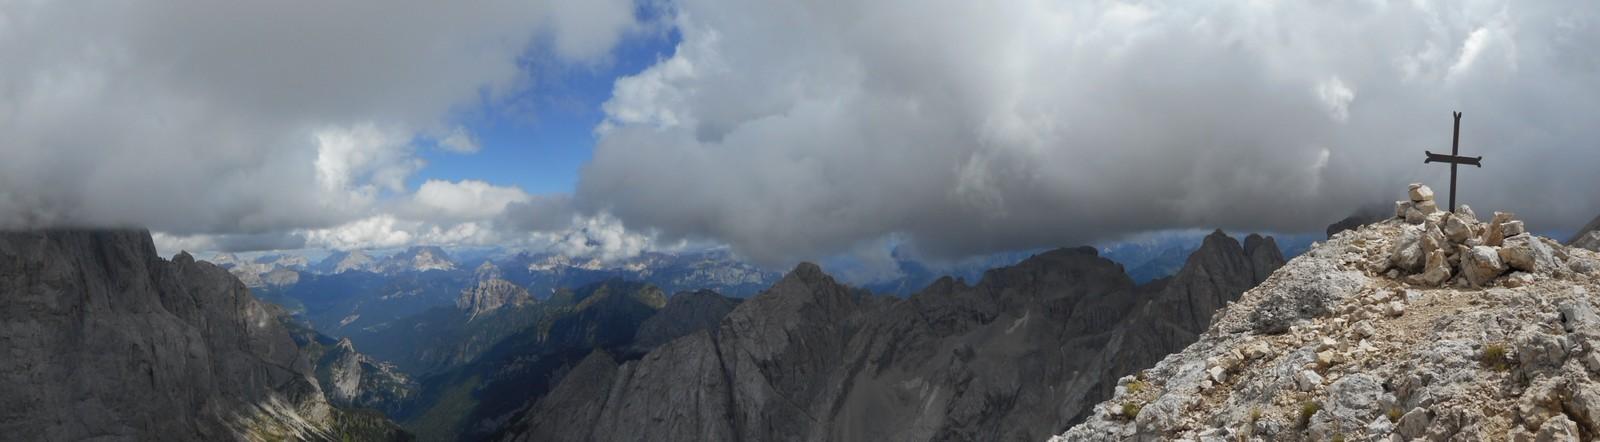 Tour d'horizon S-SE depuis la Cima Ombretta,